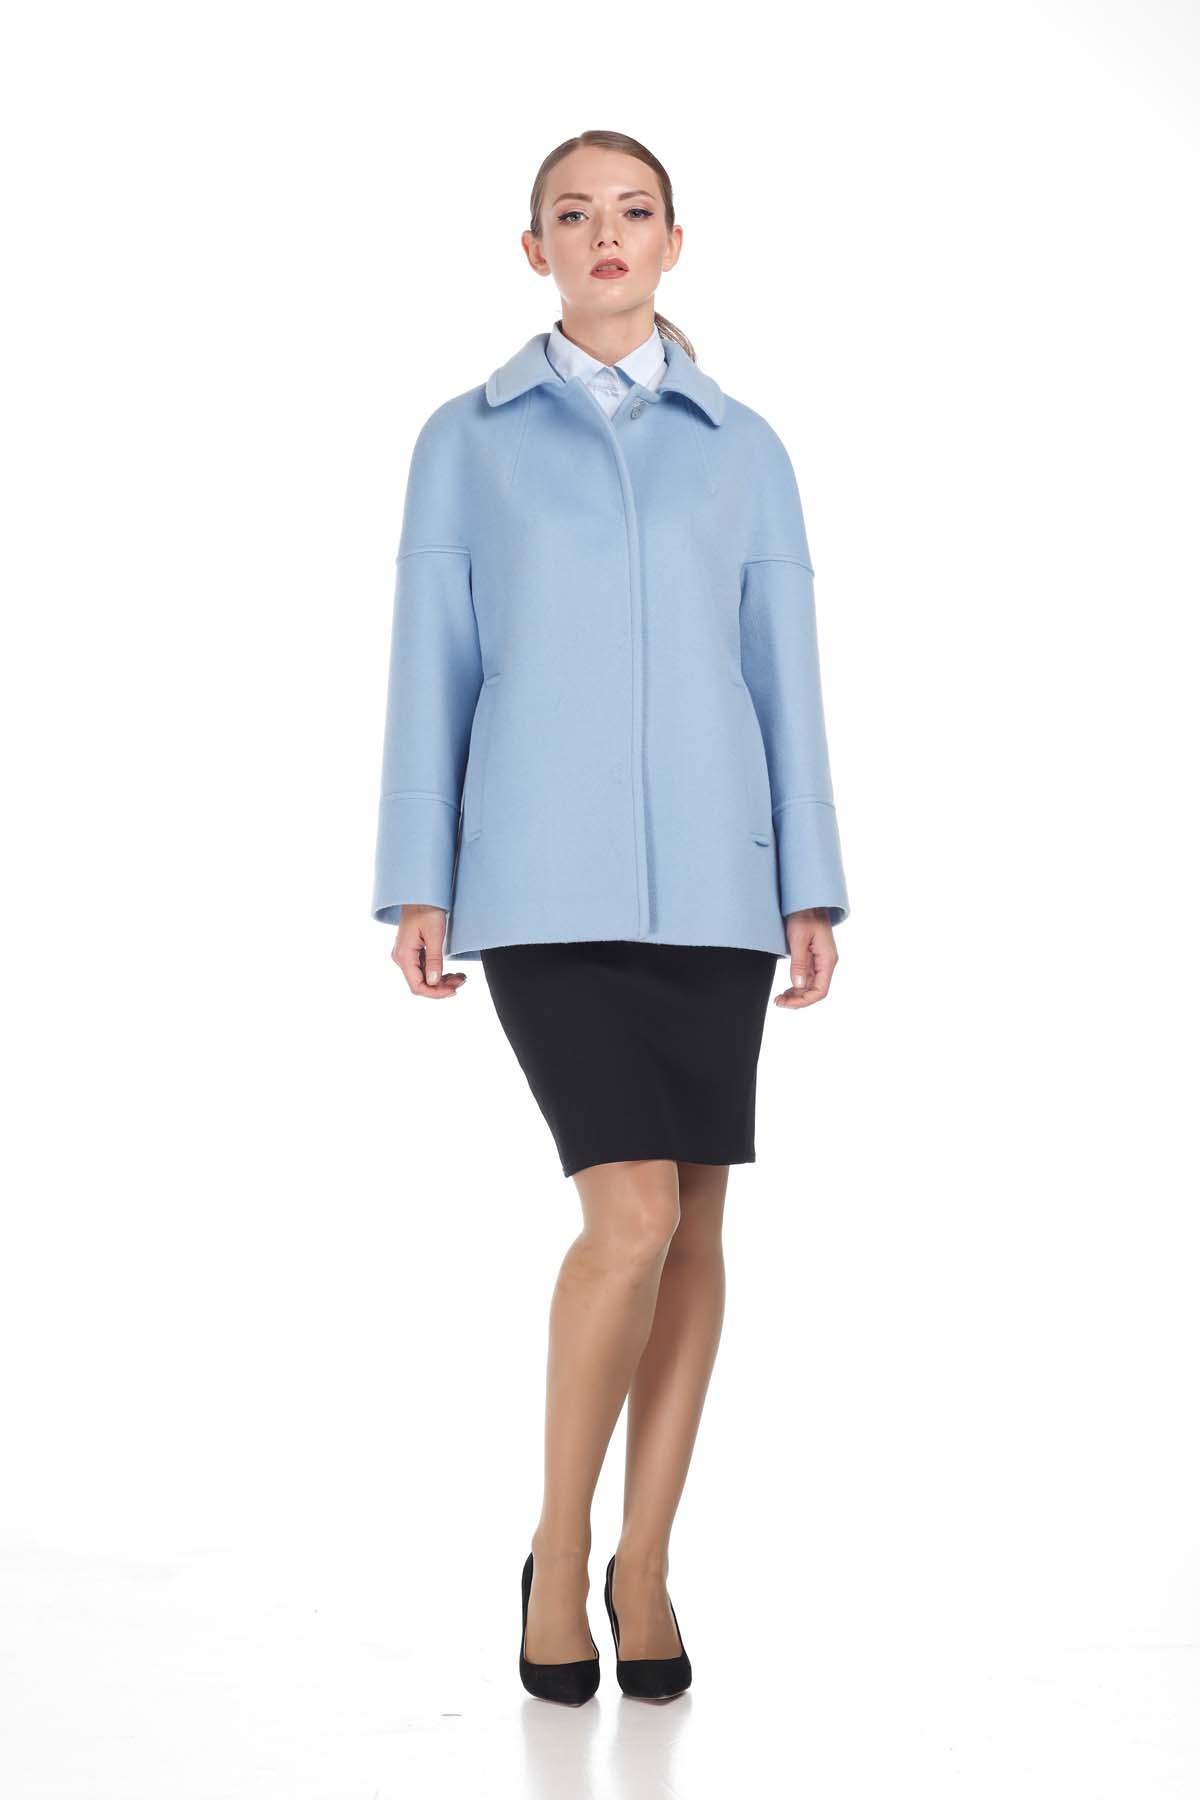 Пальто Ненсі, вовна Італія блакитна